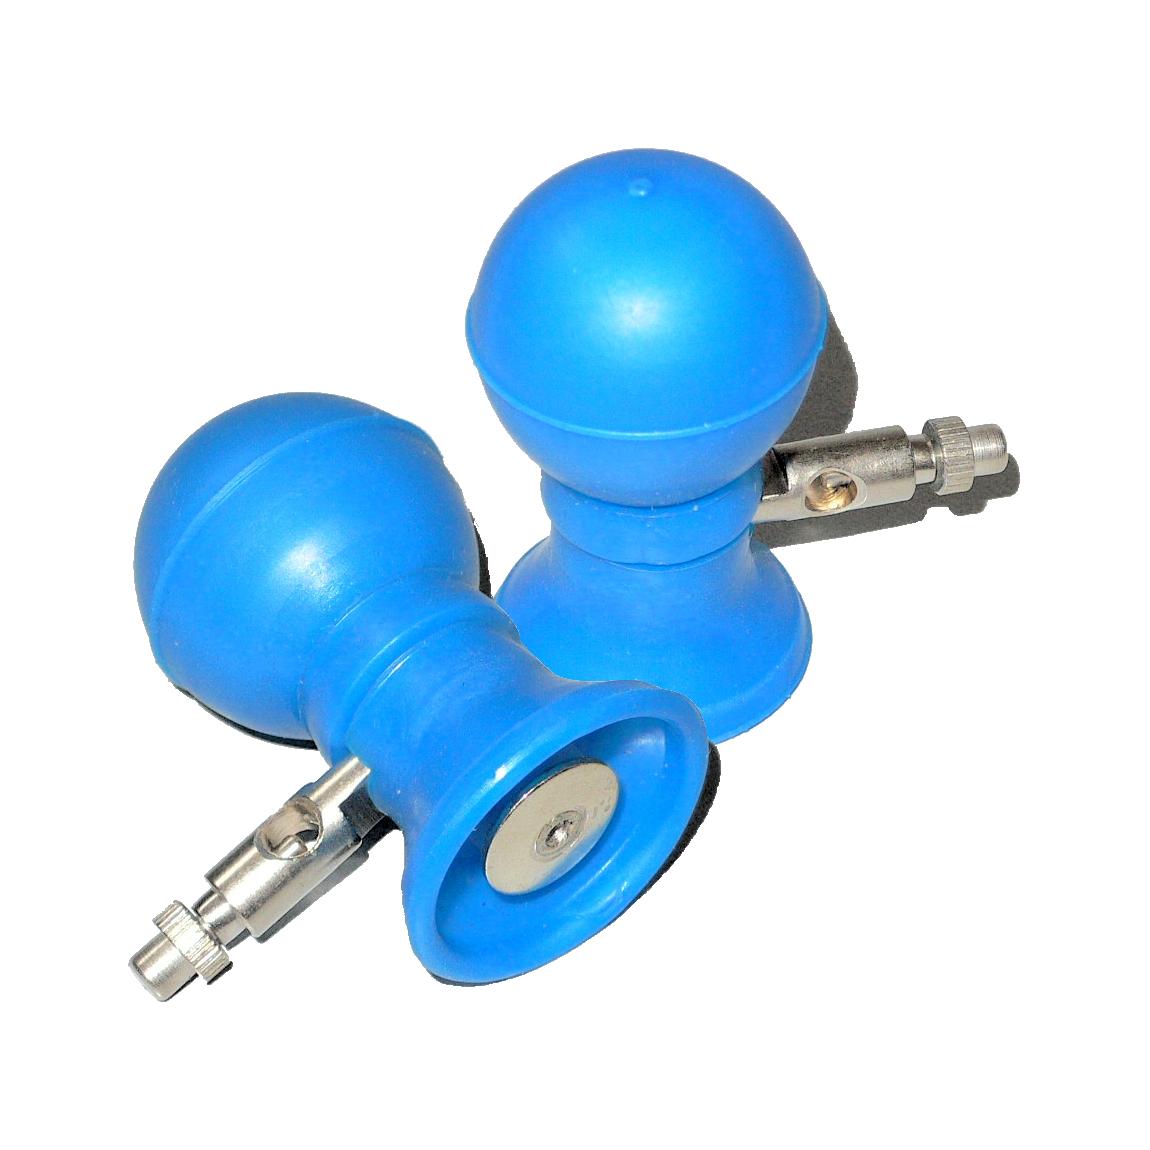 Грудной многоразовый электрод для ЭКГ, педиатрический с плоским токосъмником (546,5 руб/шт)